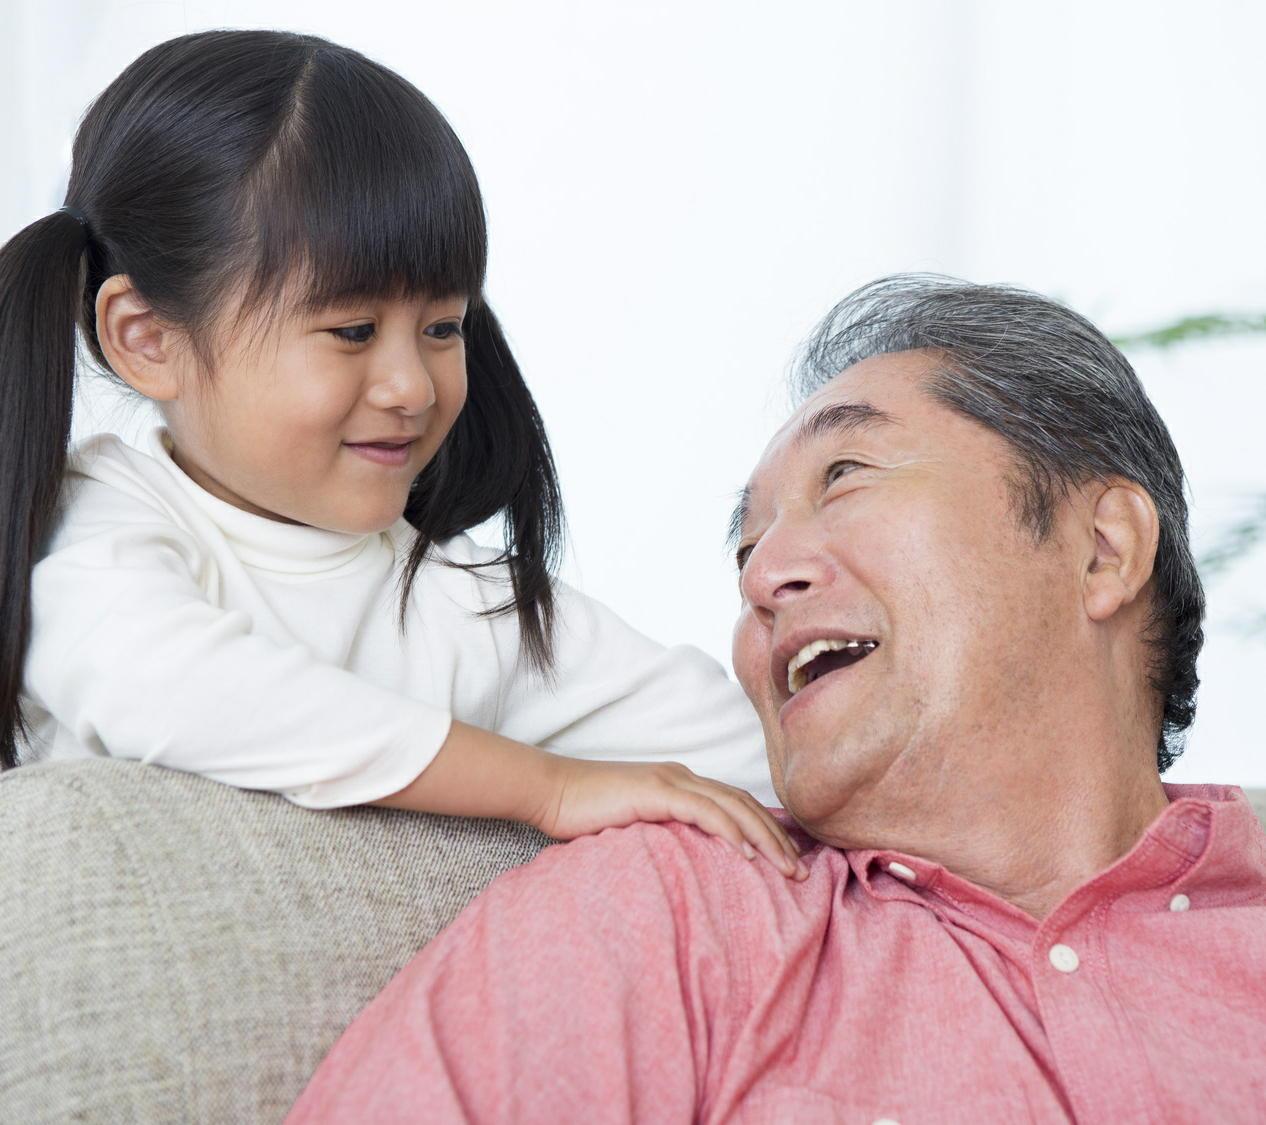 子供の力で高齢者の孤立を防ぐ「ほっこりふれあい食事プロジェクト」